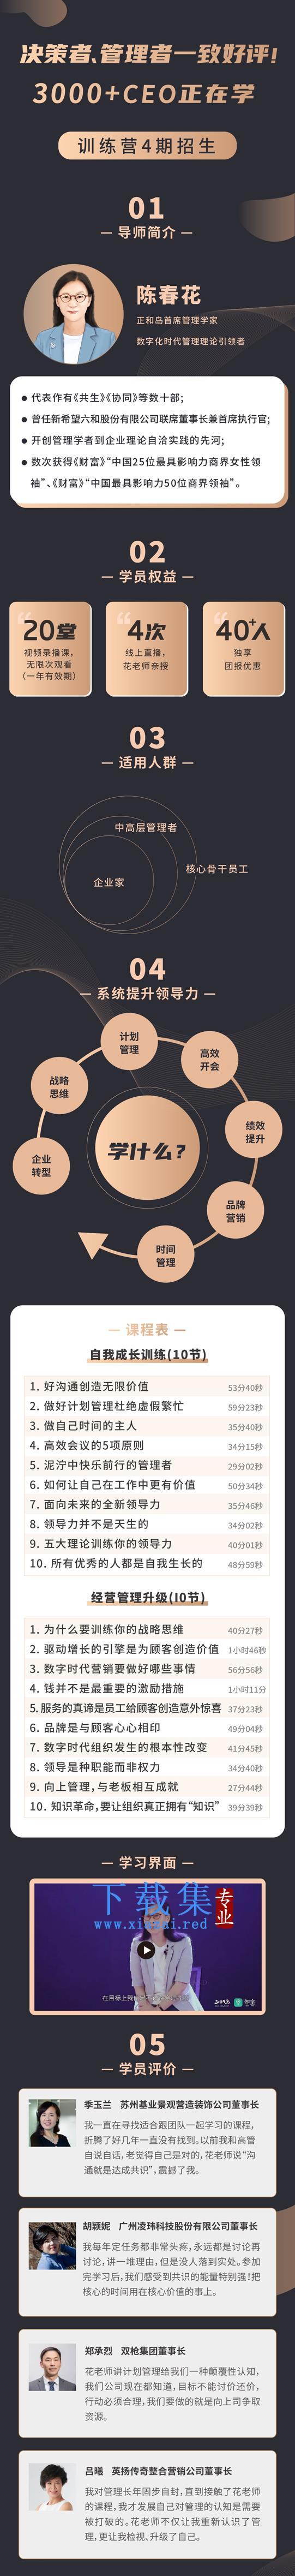 陈春花—中国企业数字化转型必修课